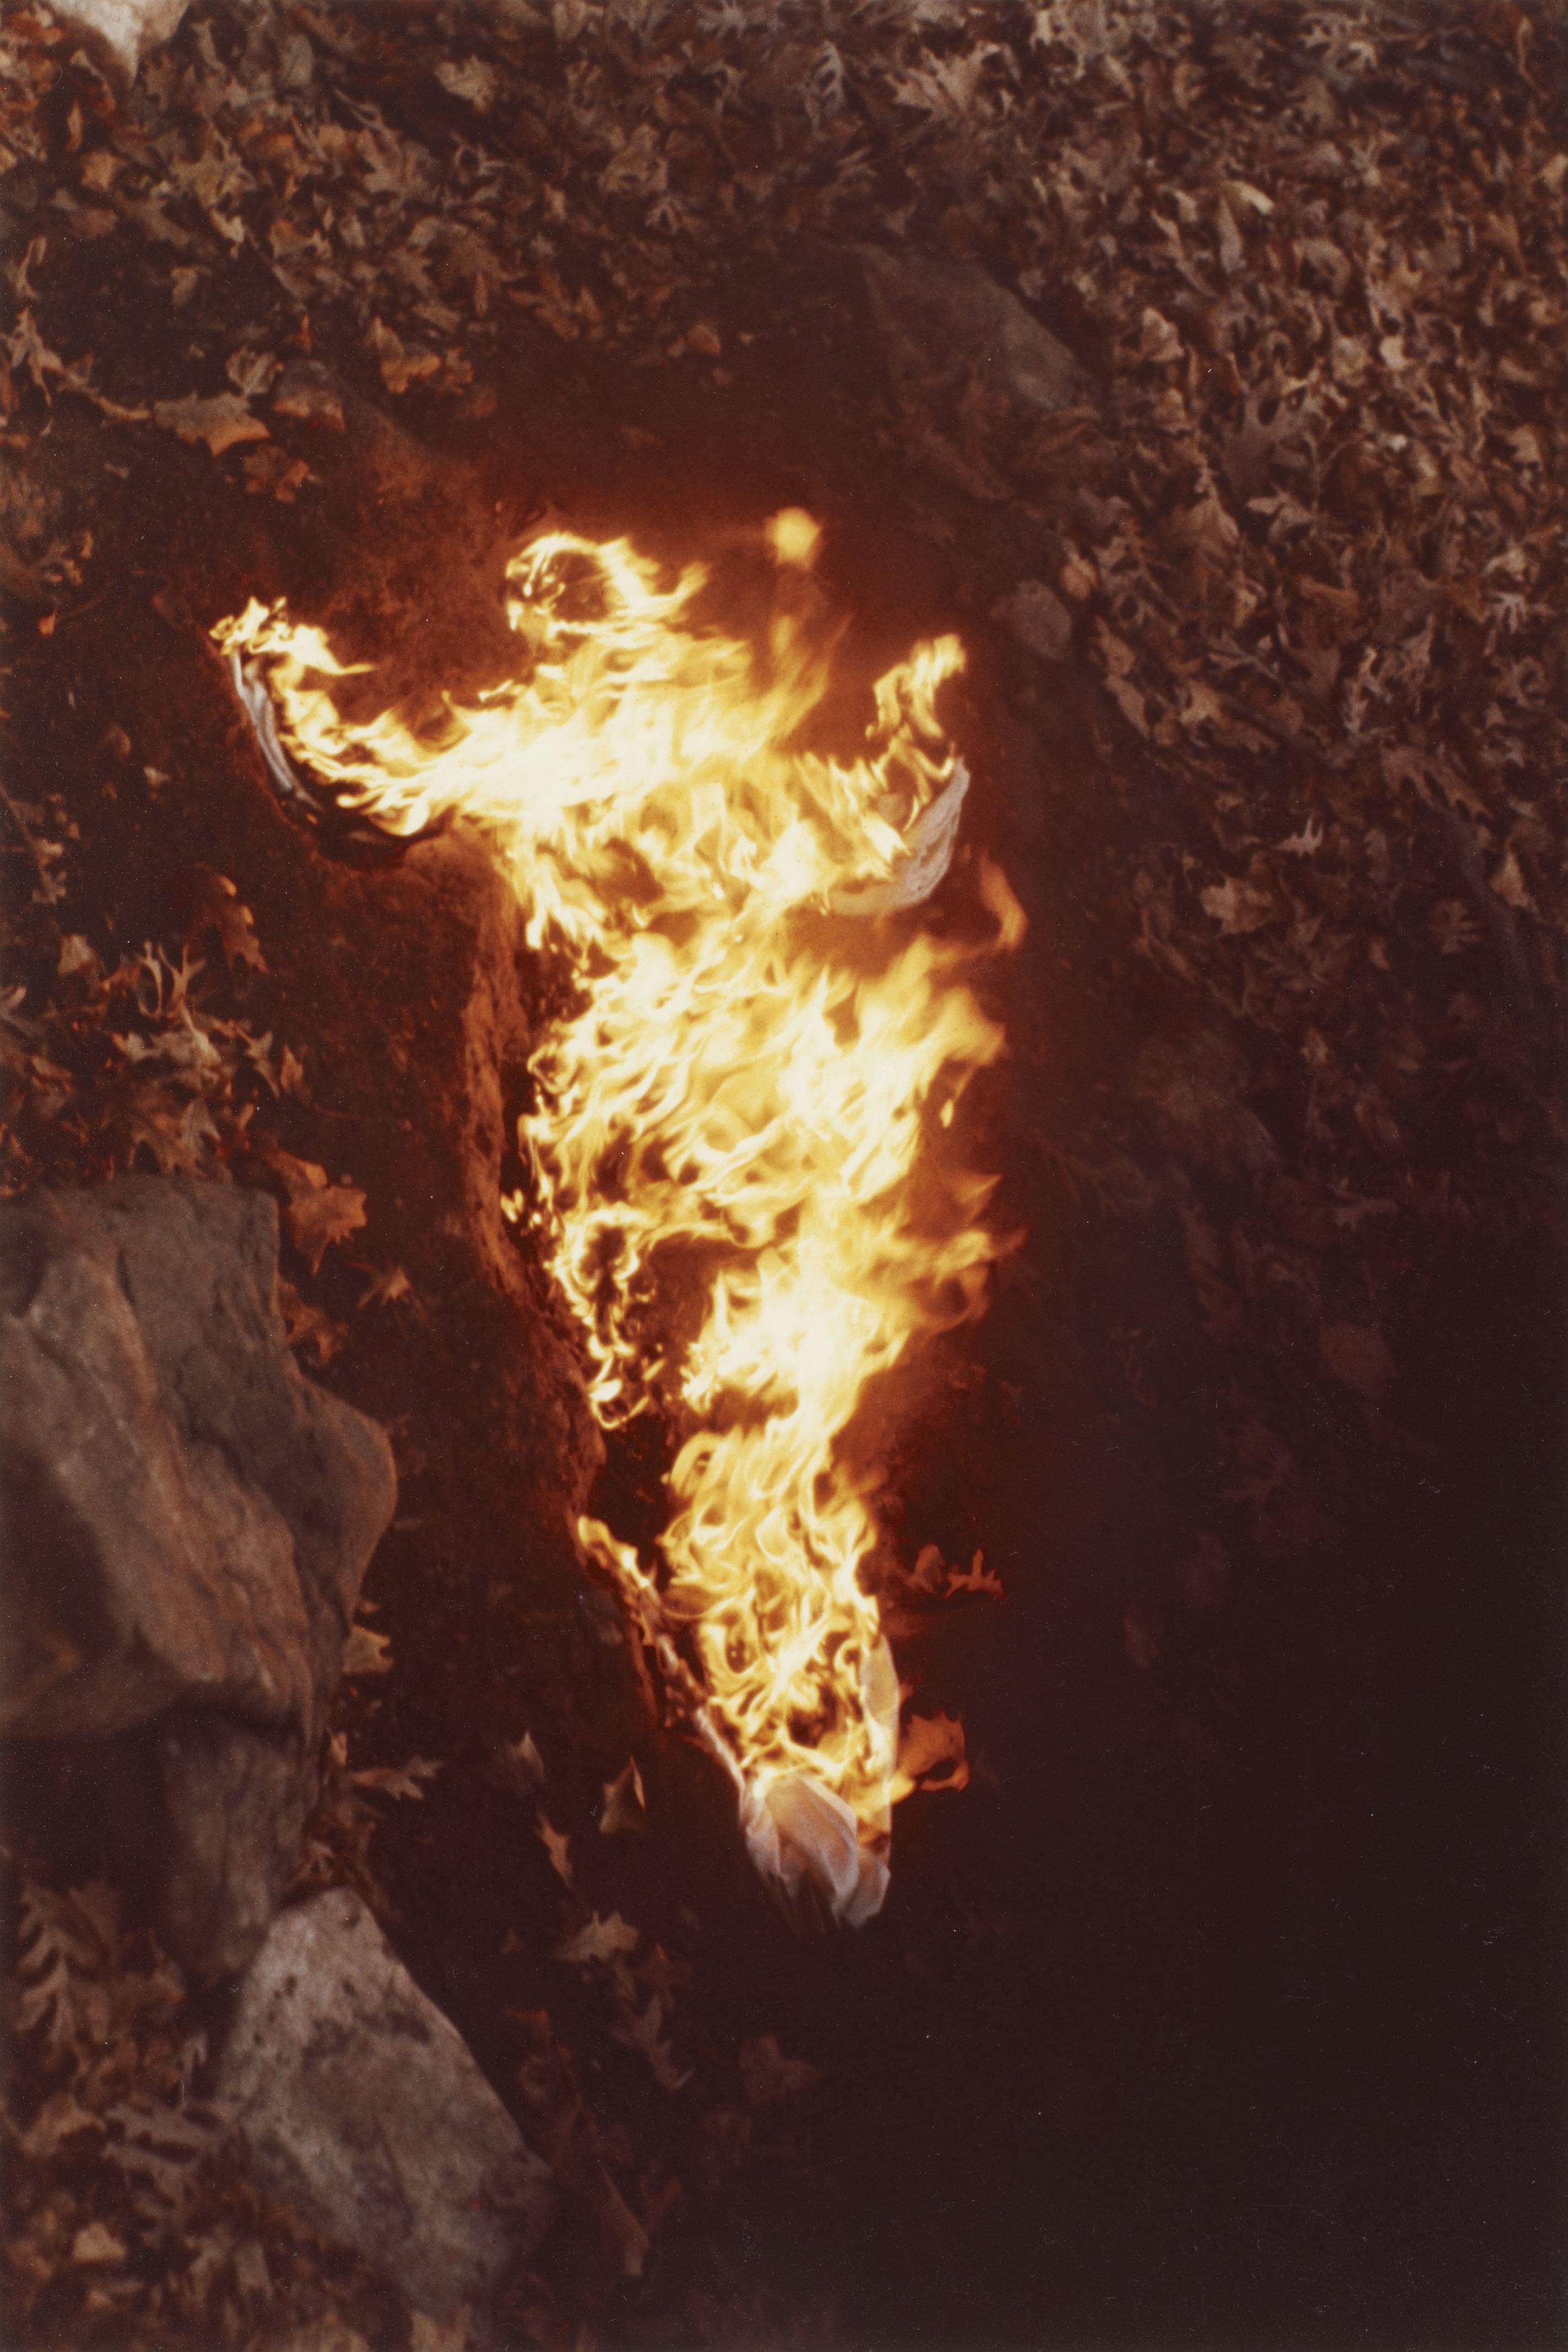 Alma, Silueta en Fuego , 1975 Photograph © The Estate of Ana Mendieta Collection, LLC,Courtesy Galerie Lelong, New York